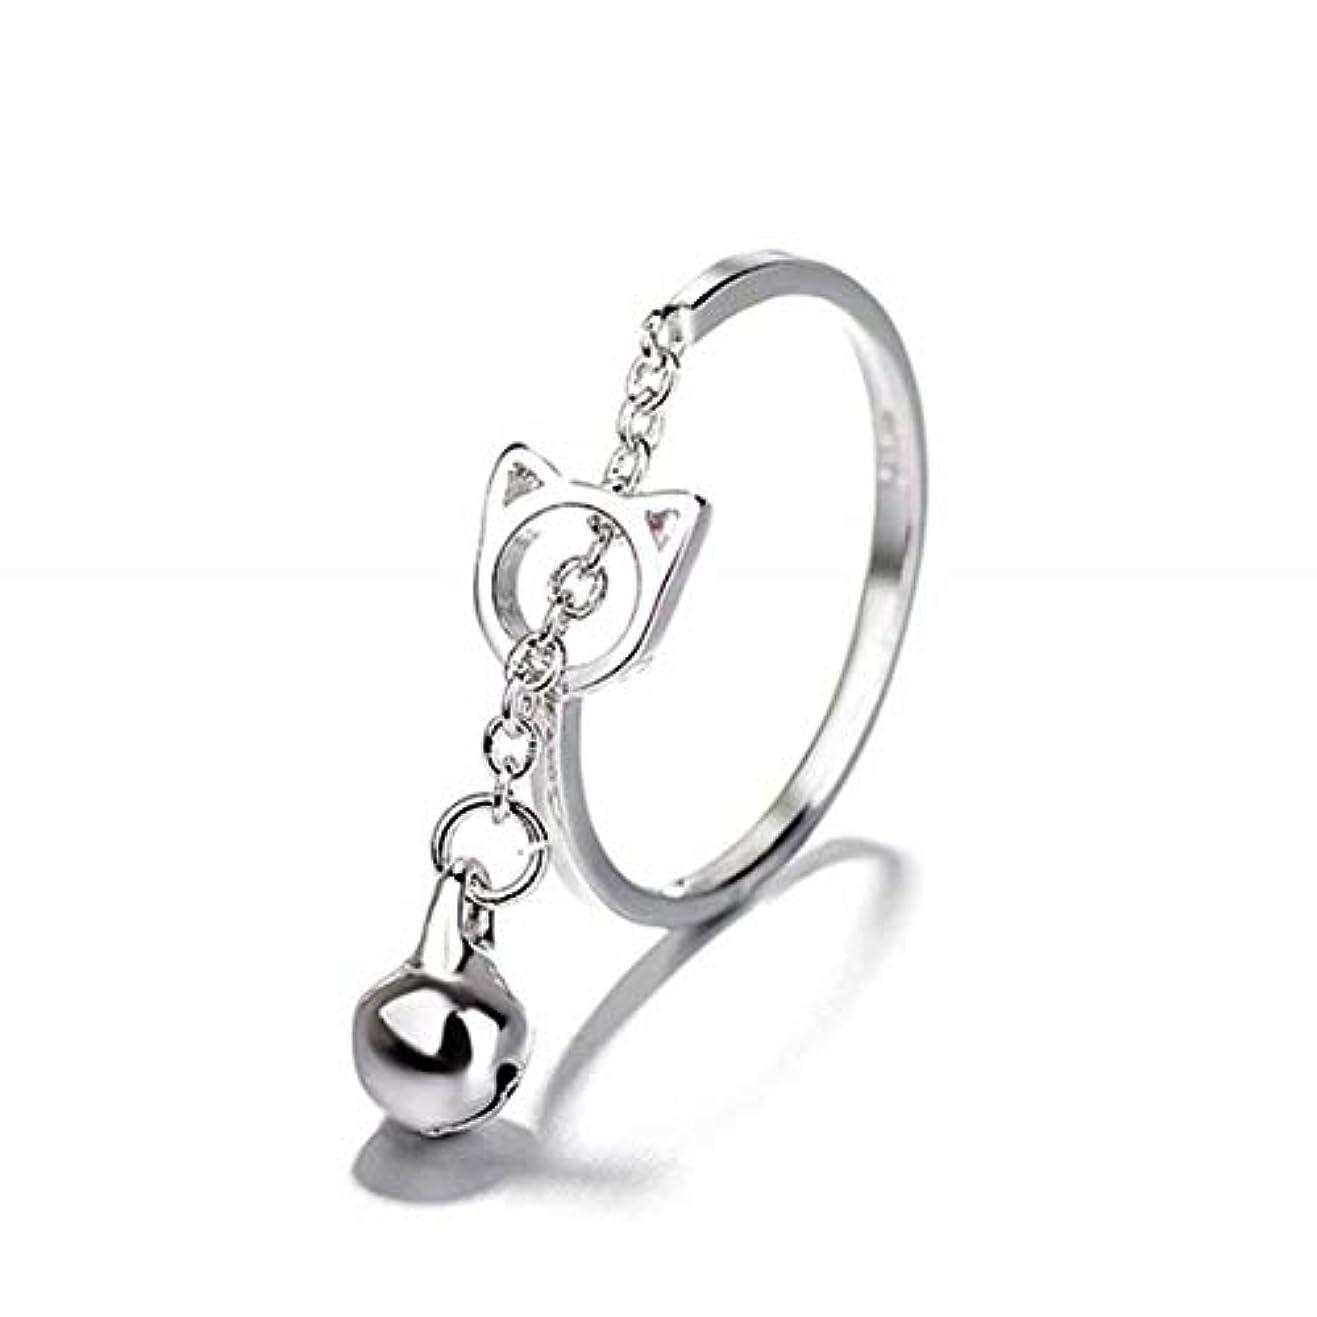 荷物数値責め七里の香 キャットベル リング オープンリング 指輪 フリーサイズ リング レディース 結婚 リング アクセサリー 記念日誕生日 バレンタイン プレゼント